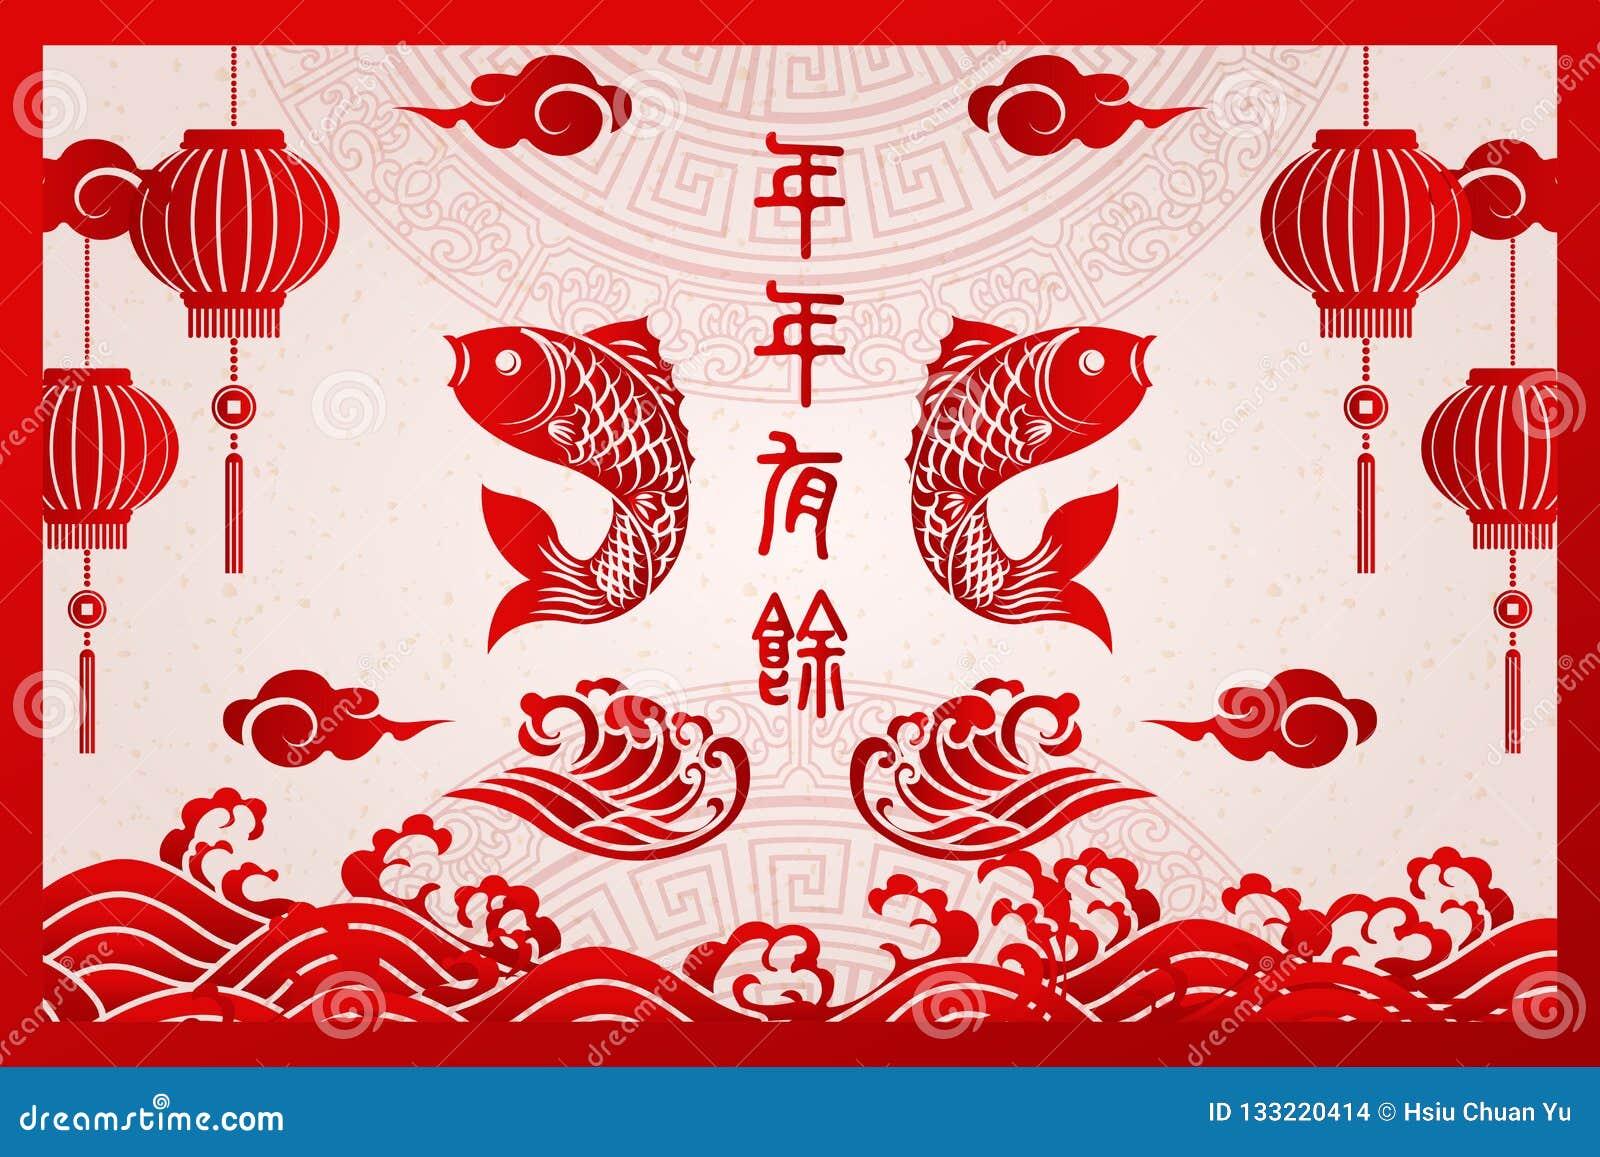 愉快的春节减速火箭的红色传统框架鱼灯笼